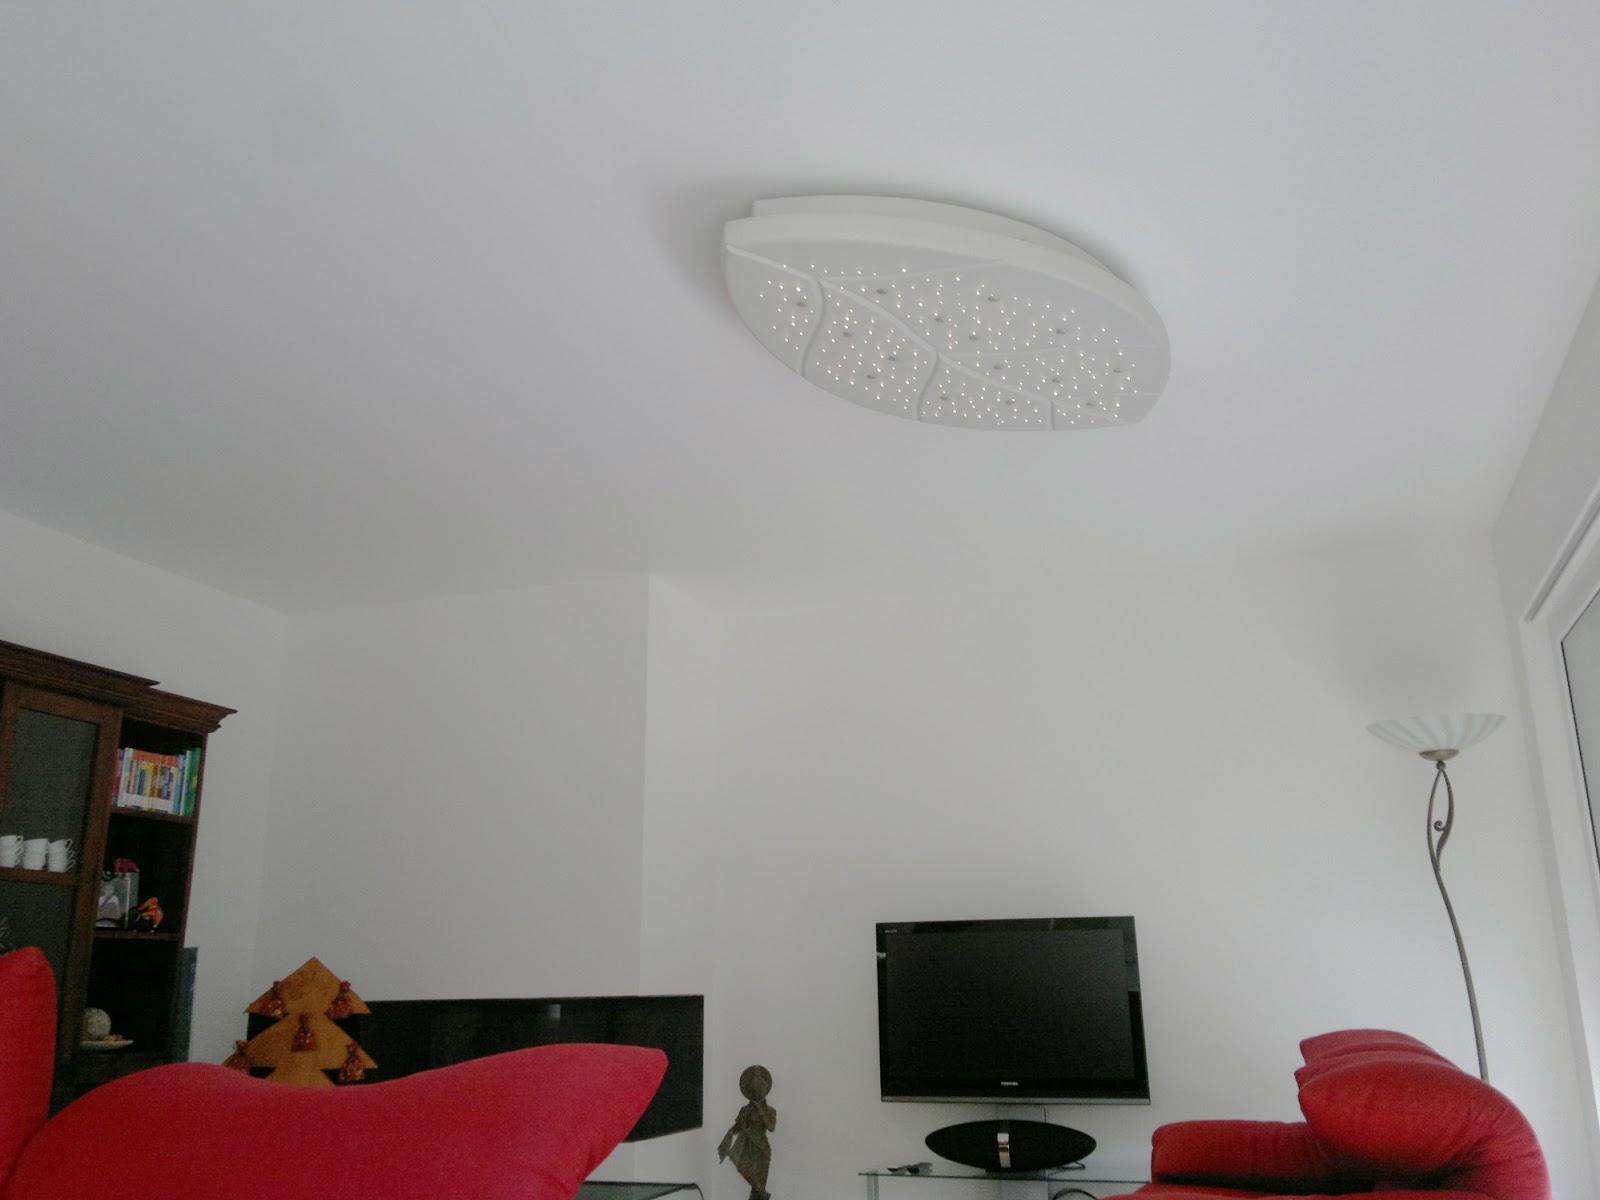 Illuminazione led casa: montreux u2013 illuminazione led in un nuovo